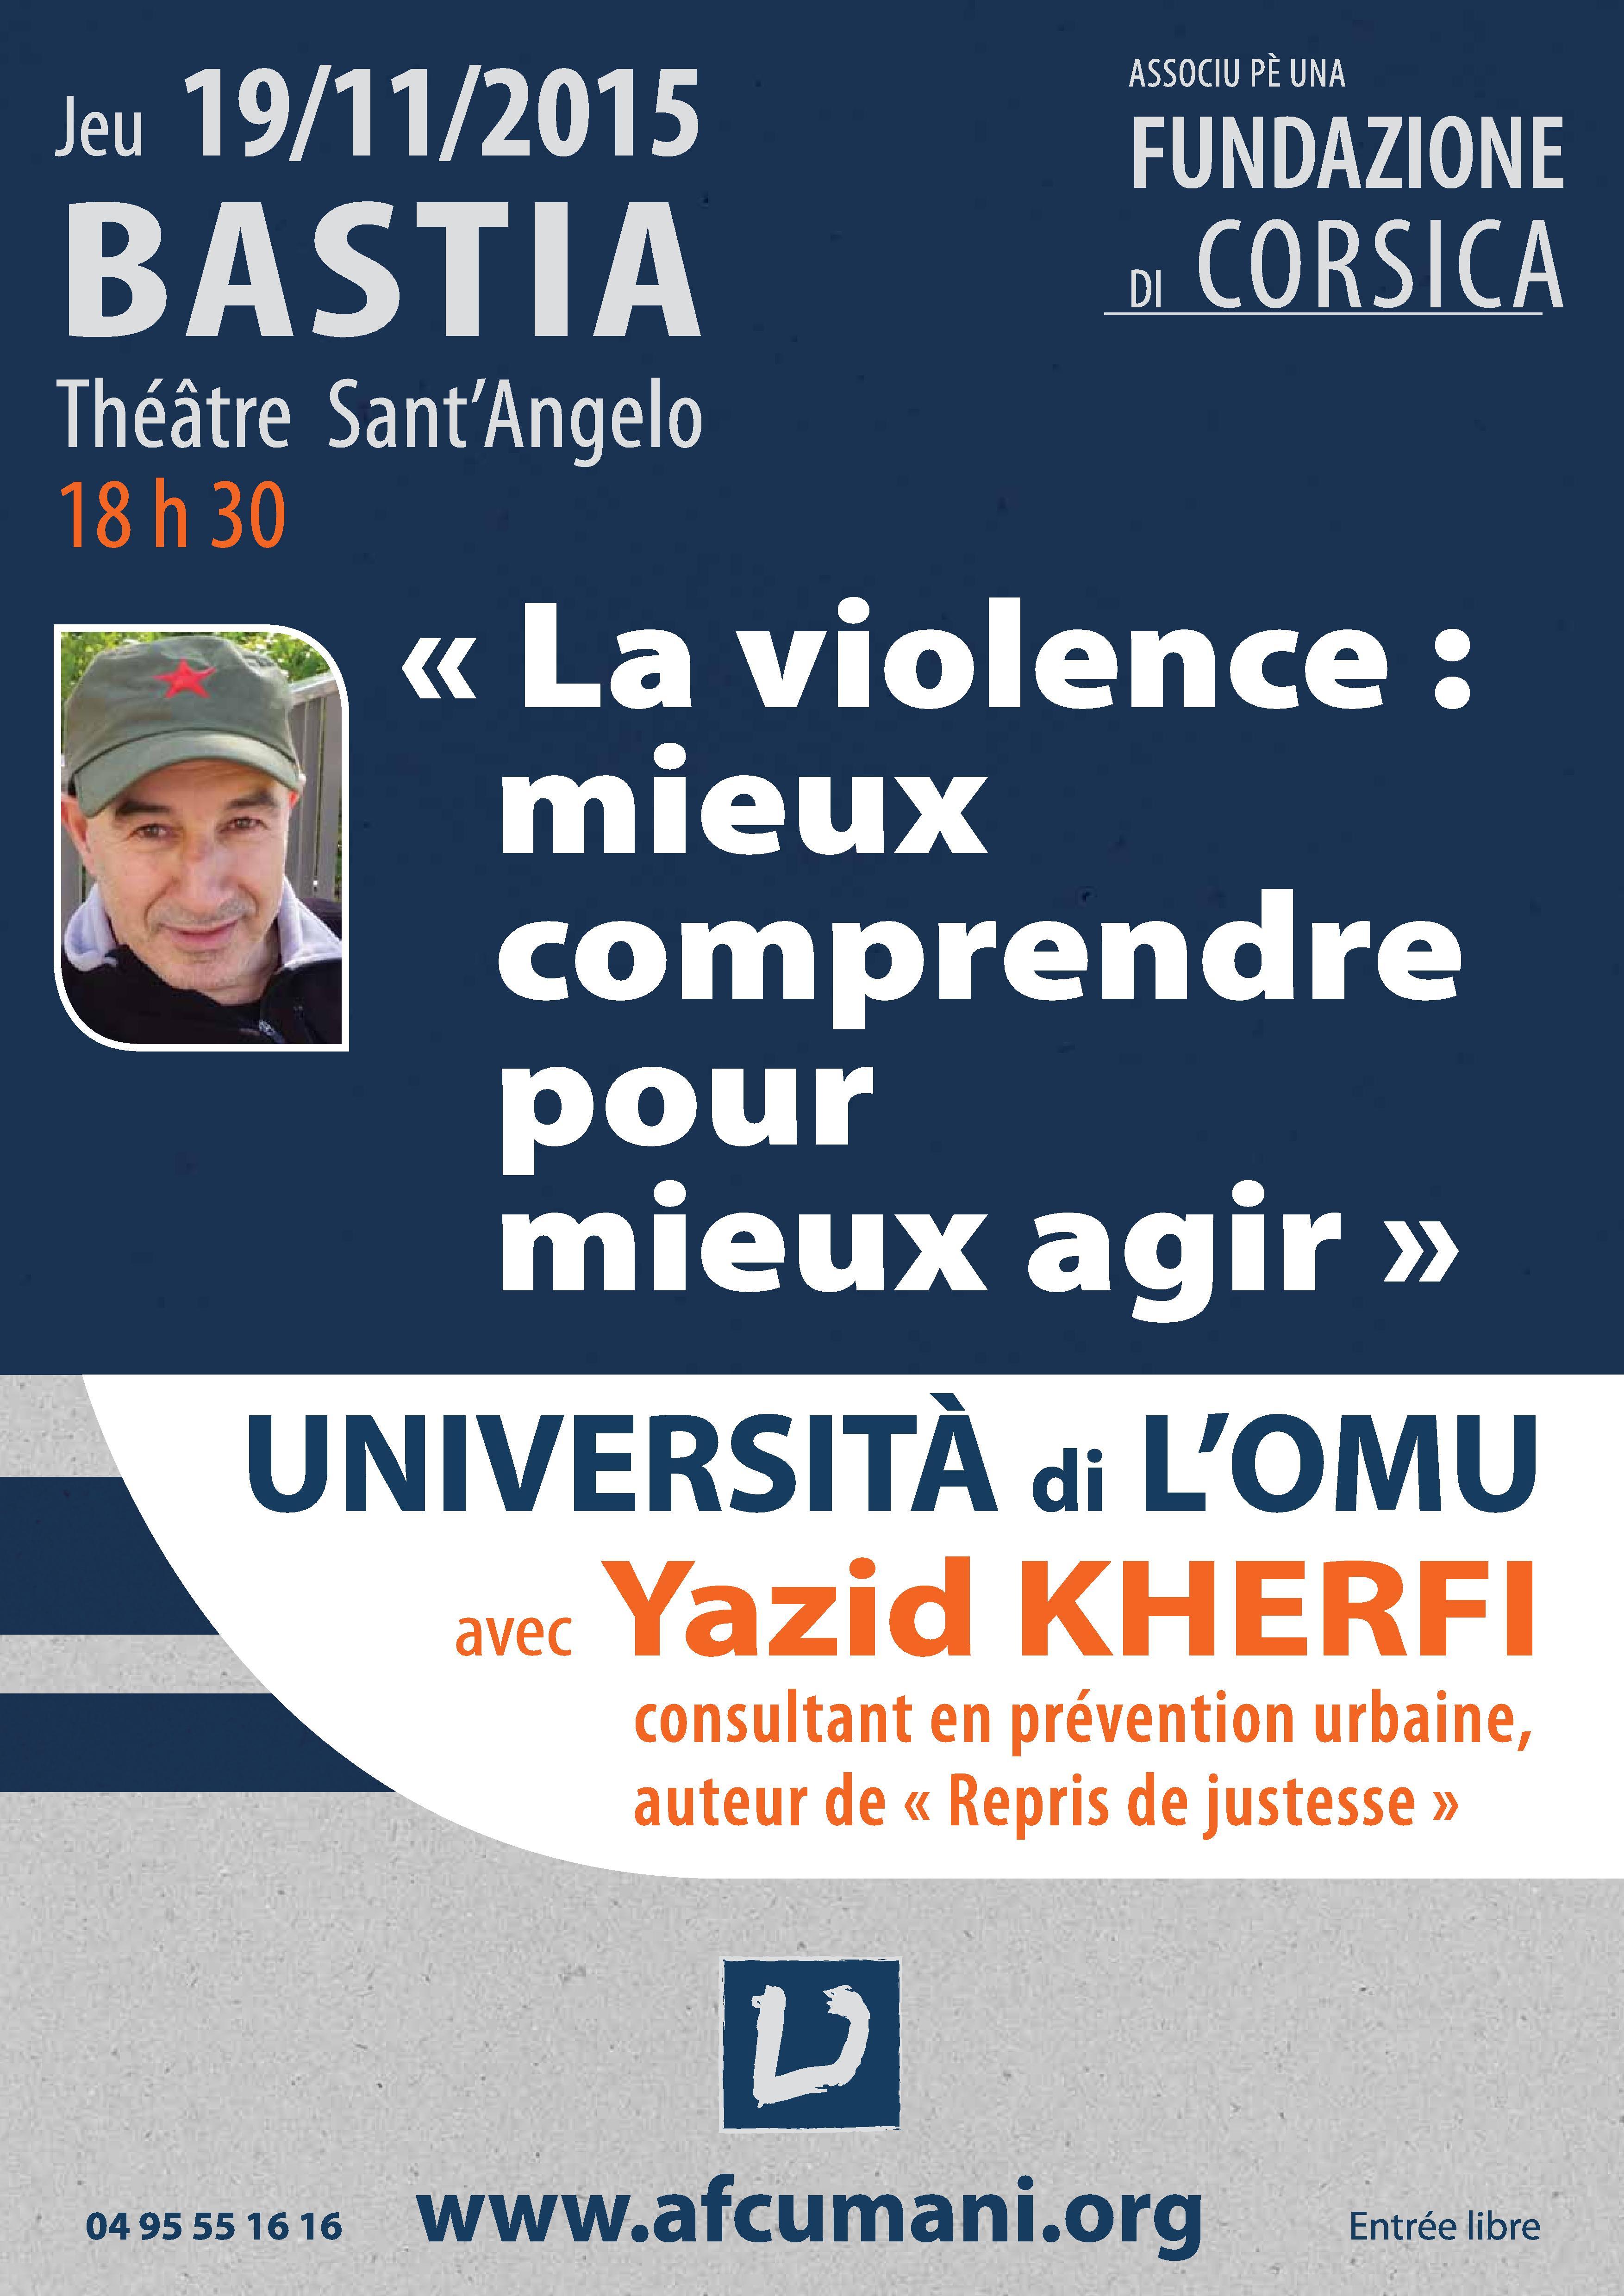 L'ancien braqueur Yazid Kherfi invité par l'Afc-Umani : « La parole est plus forte que la violence »